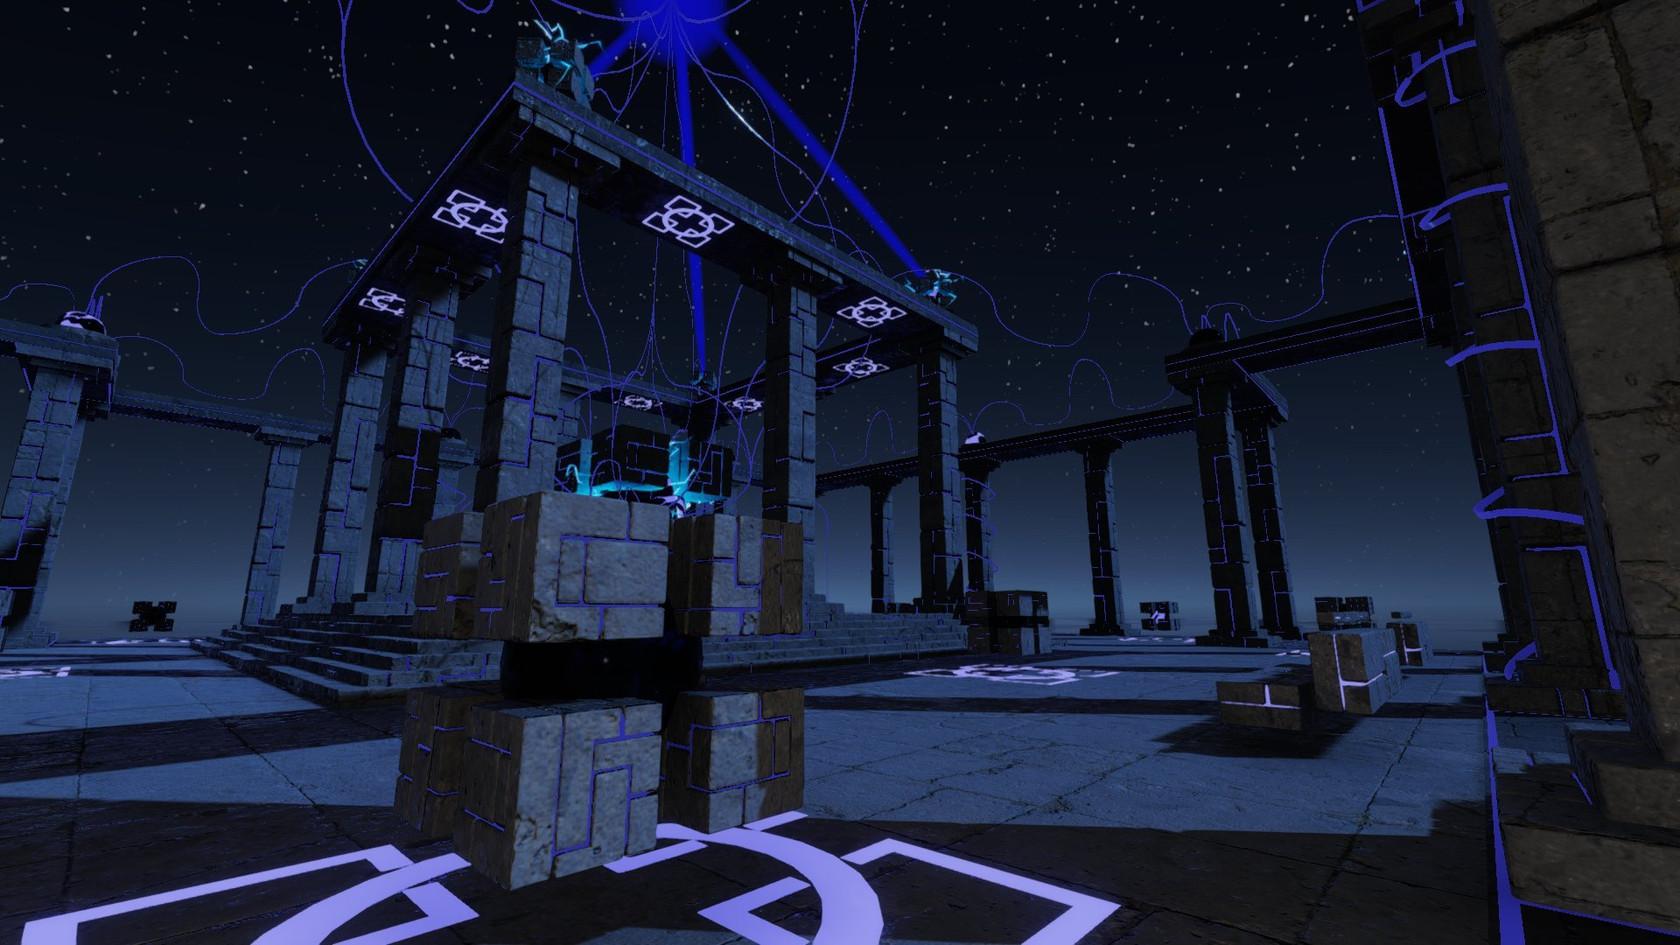 Alien Temple by Torax